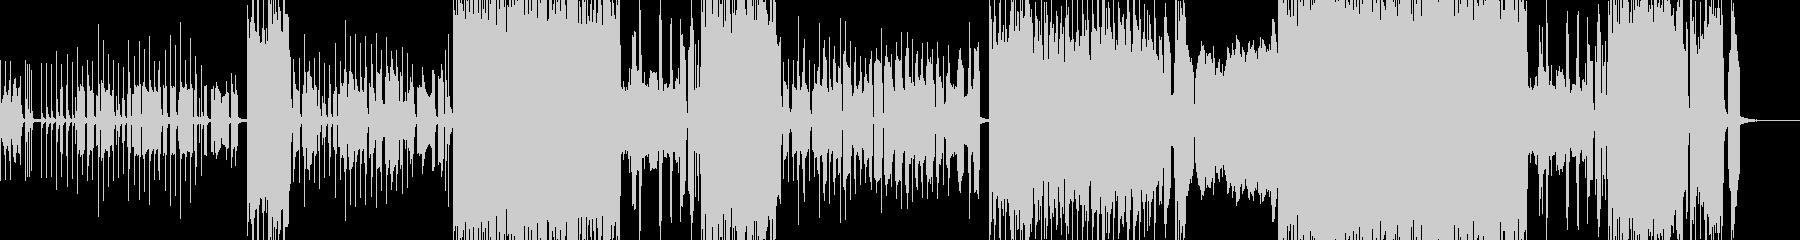 ダークメルヘンなカントリーロックの未再生の波形